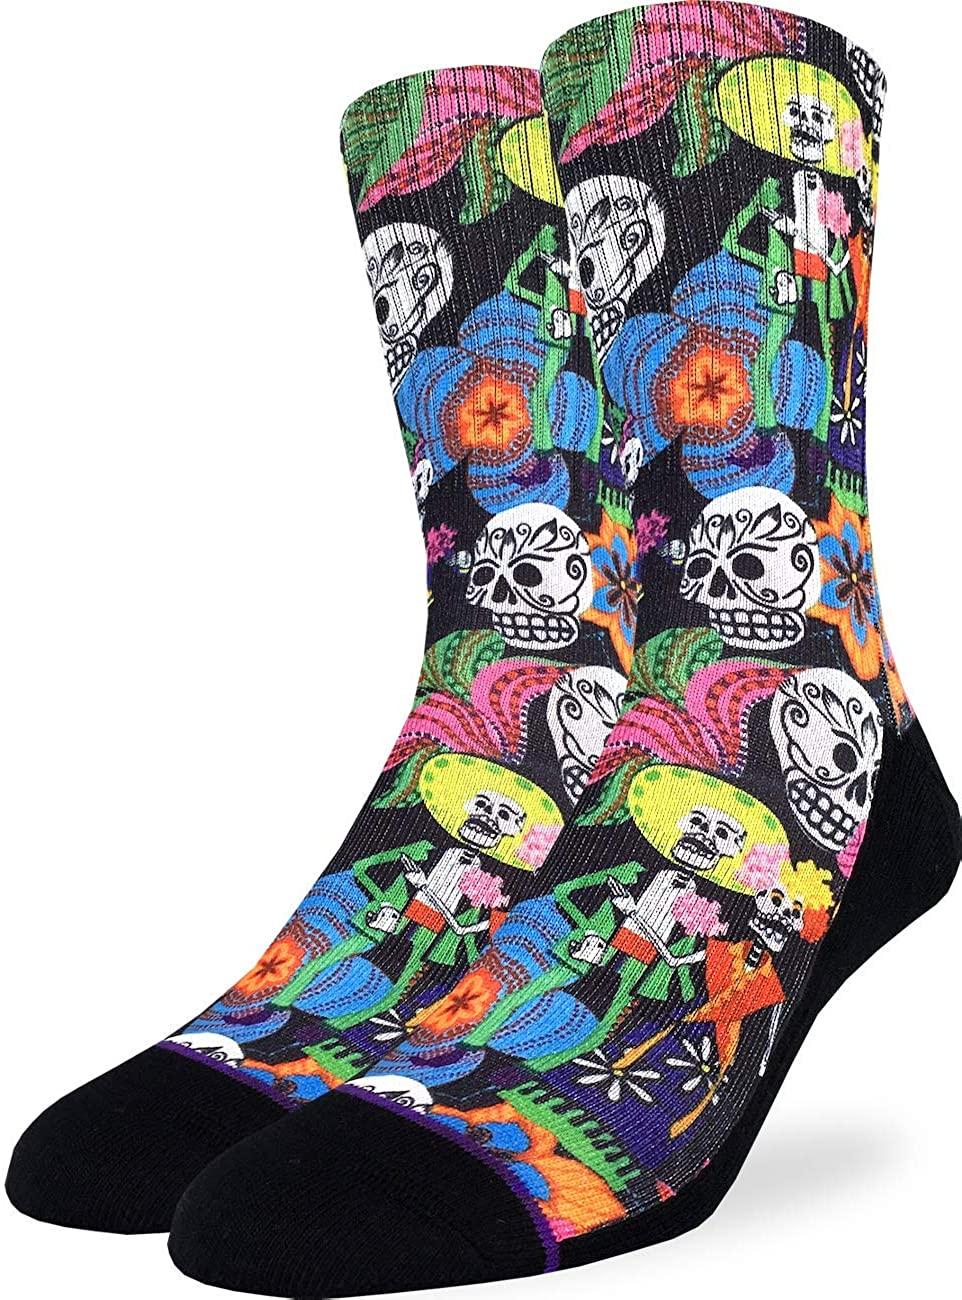 Good Luck Sock Men's Catrinos & Catrinas Skulls Socks - Adult Shoe Size 8-13